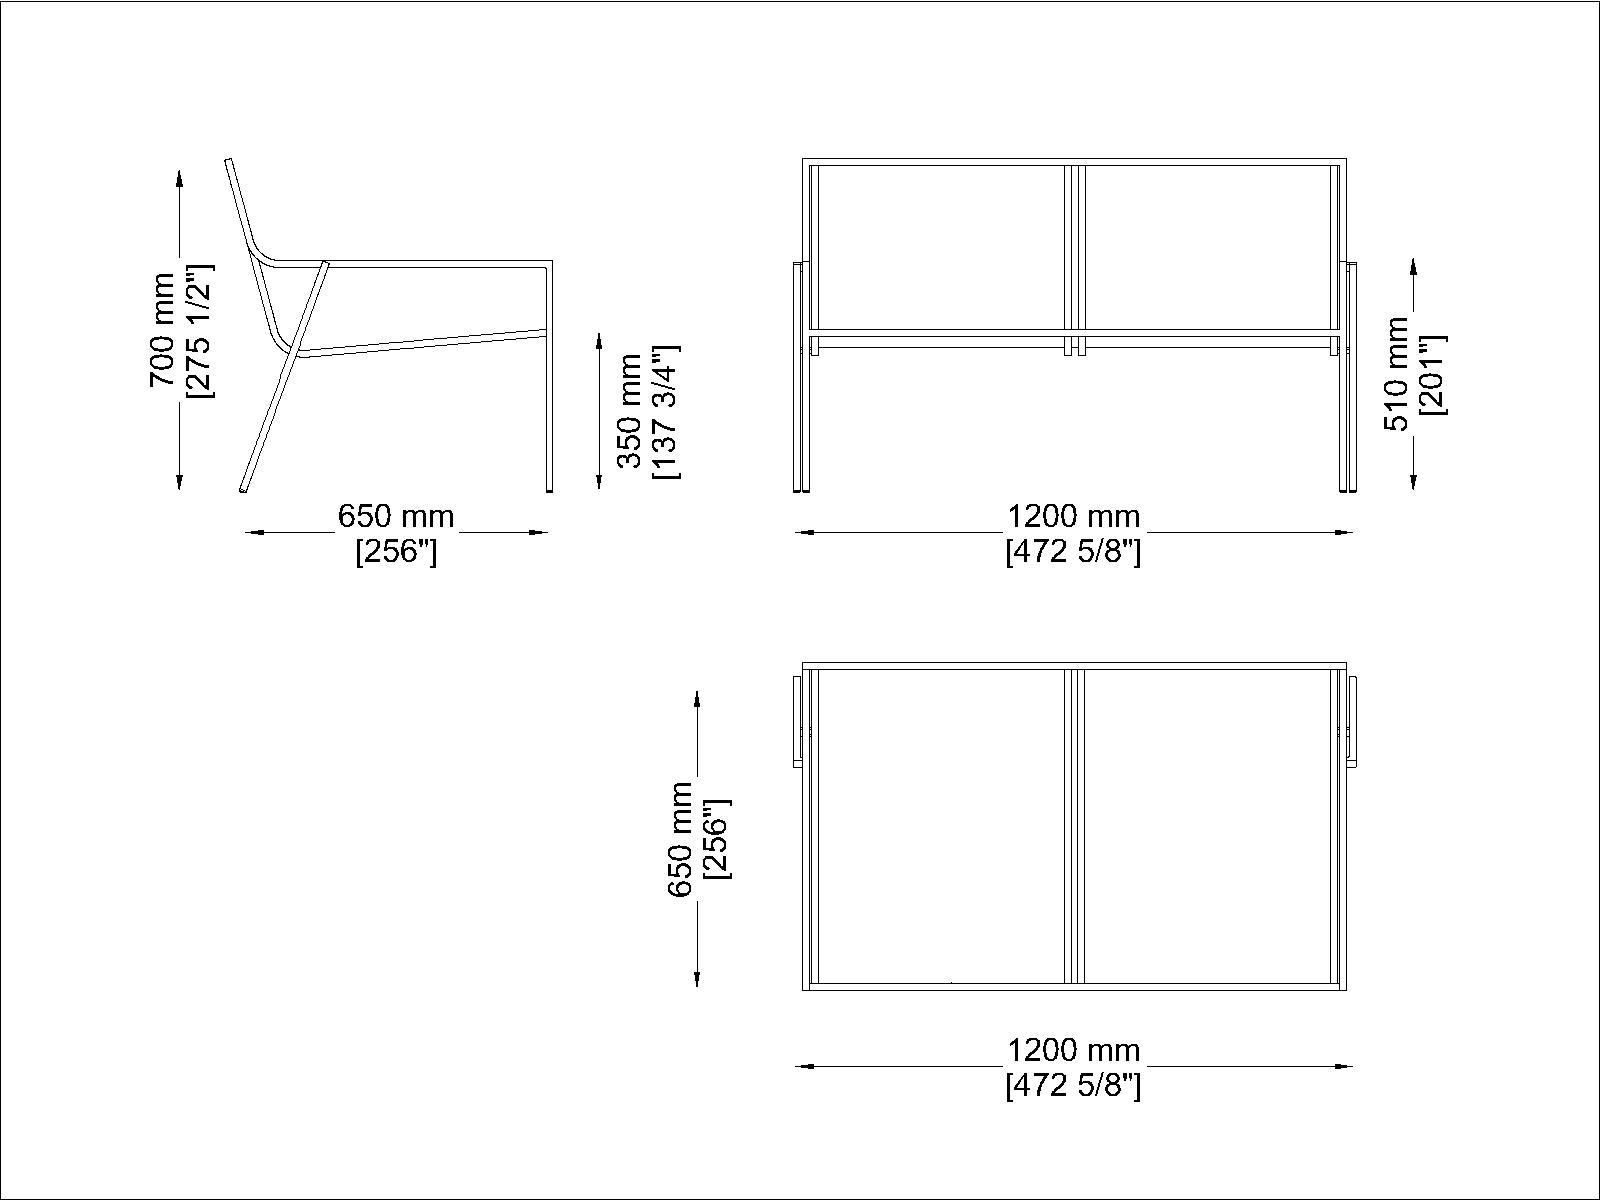 Coro SG1 zweier Sitzbank mit PVC Schnur 3 mm oder Acrylschnur 6 mm Rahmen Edelstahl satiniert